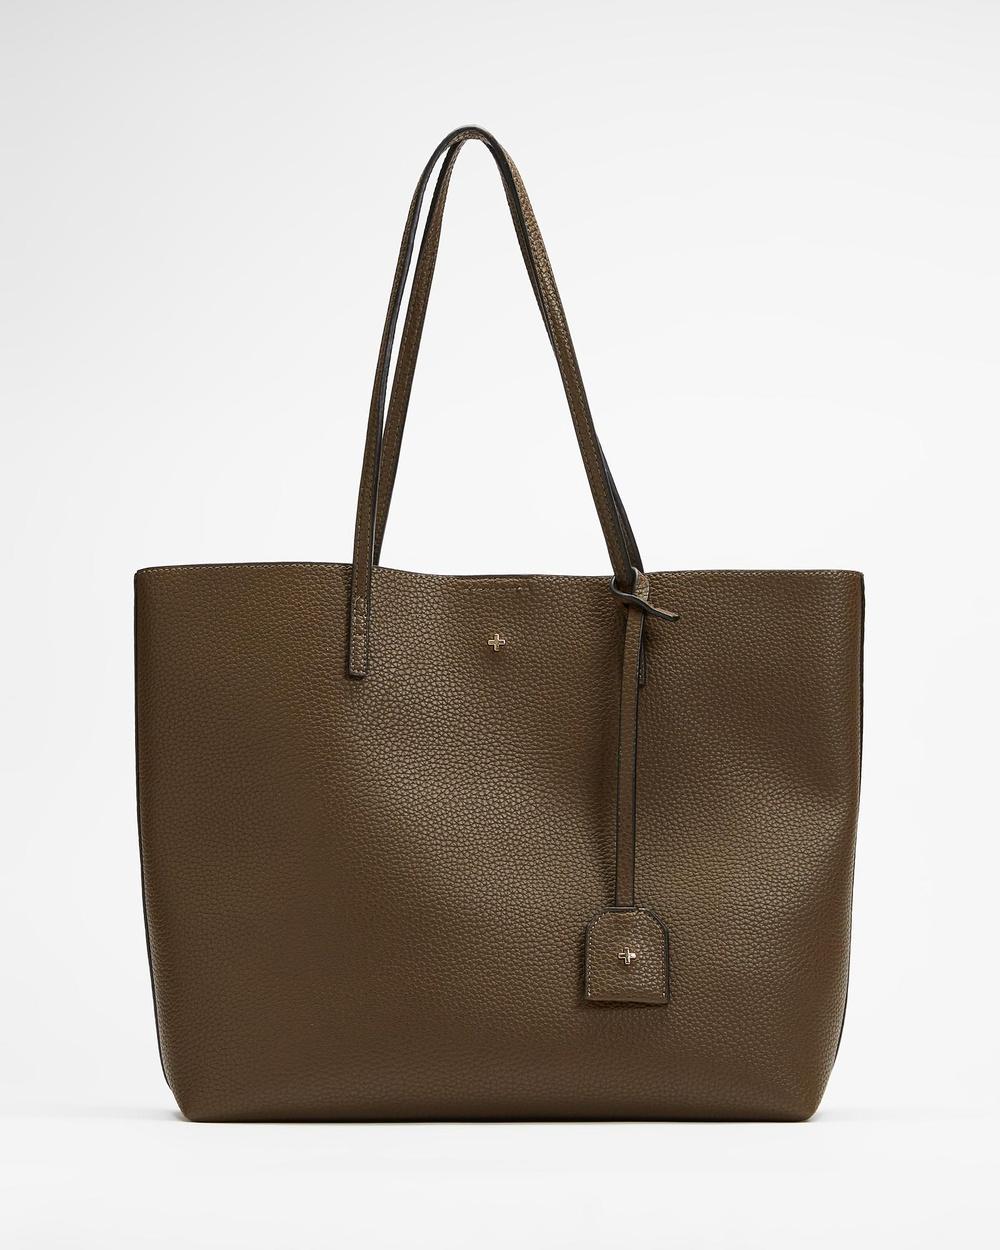 PETA AND JAIN Saint Tote Bag Handbags Olive